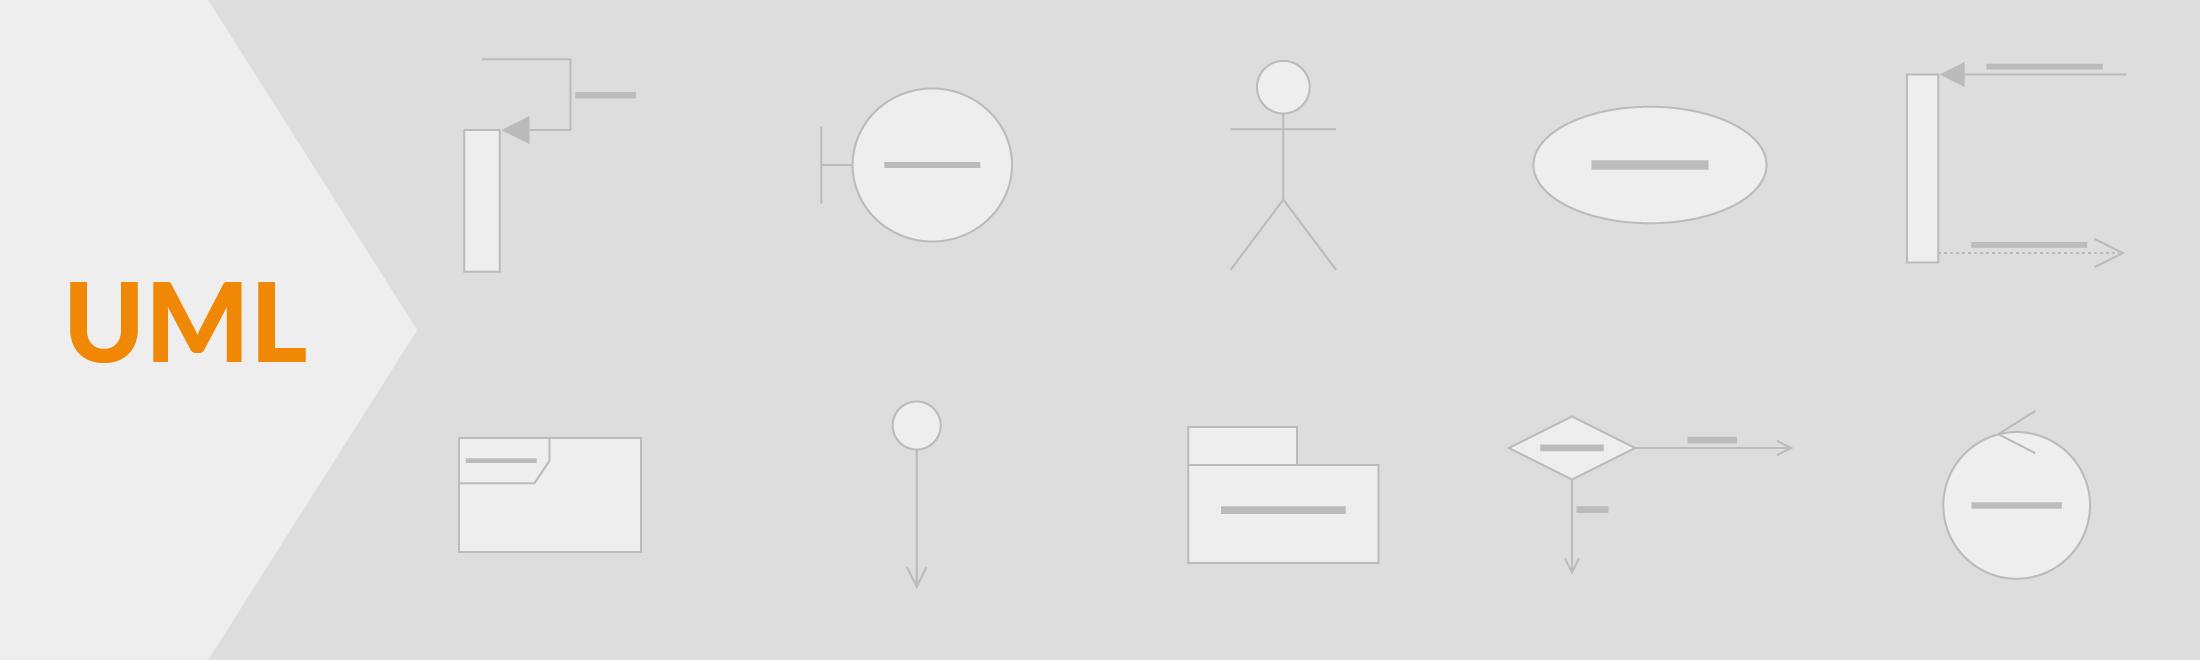 使用draw.io创建各种不同的uml图